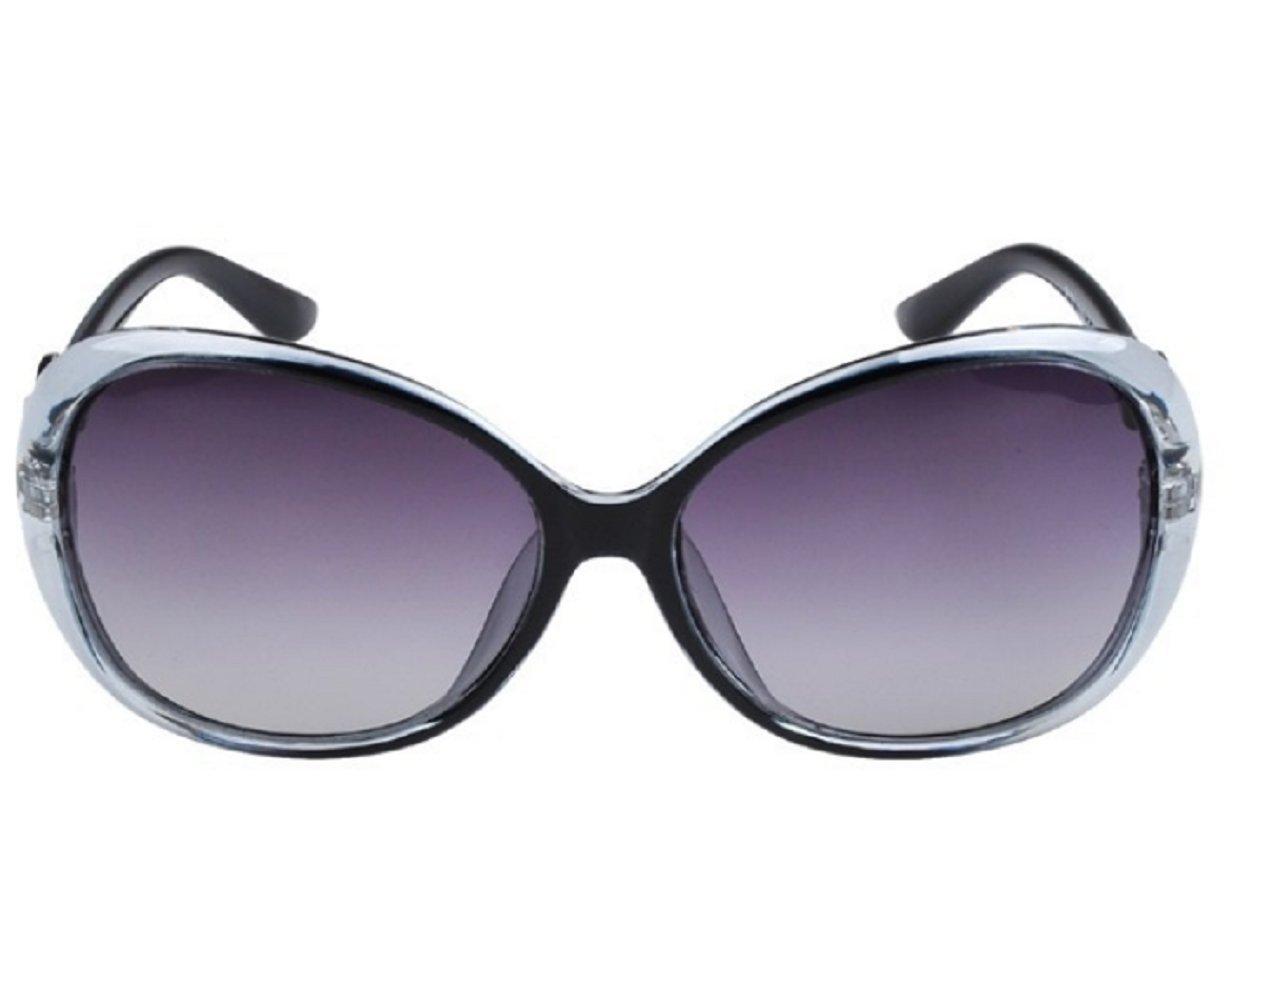 M2-Schwarz-Sonnenbrille-Frauen-Big Retro Vintage polarisierte UV400 j3zLq